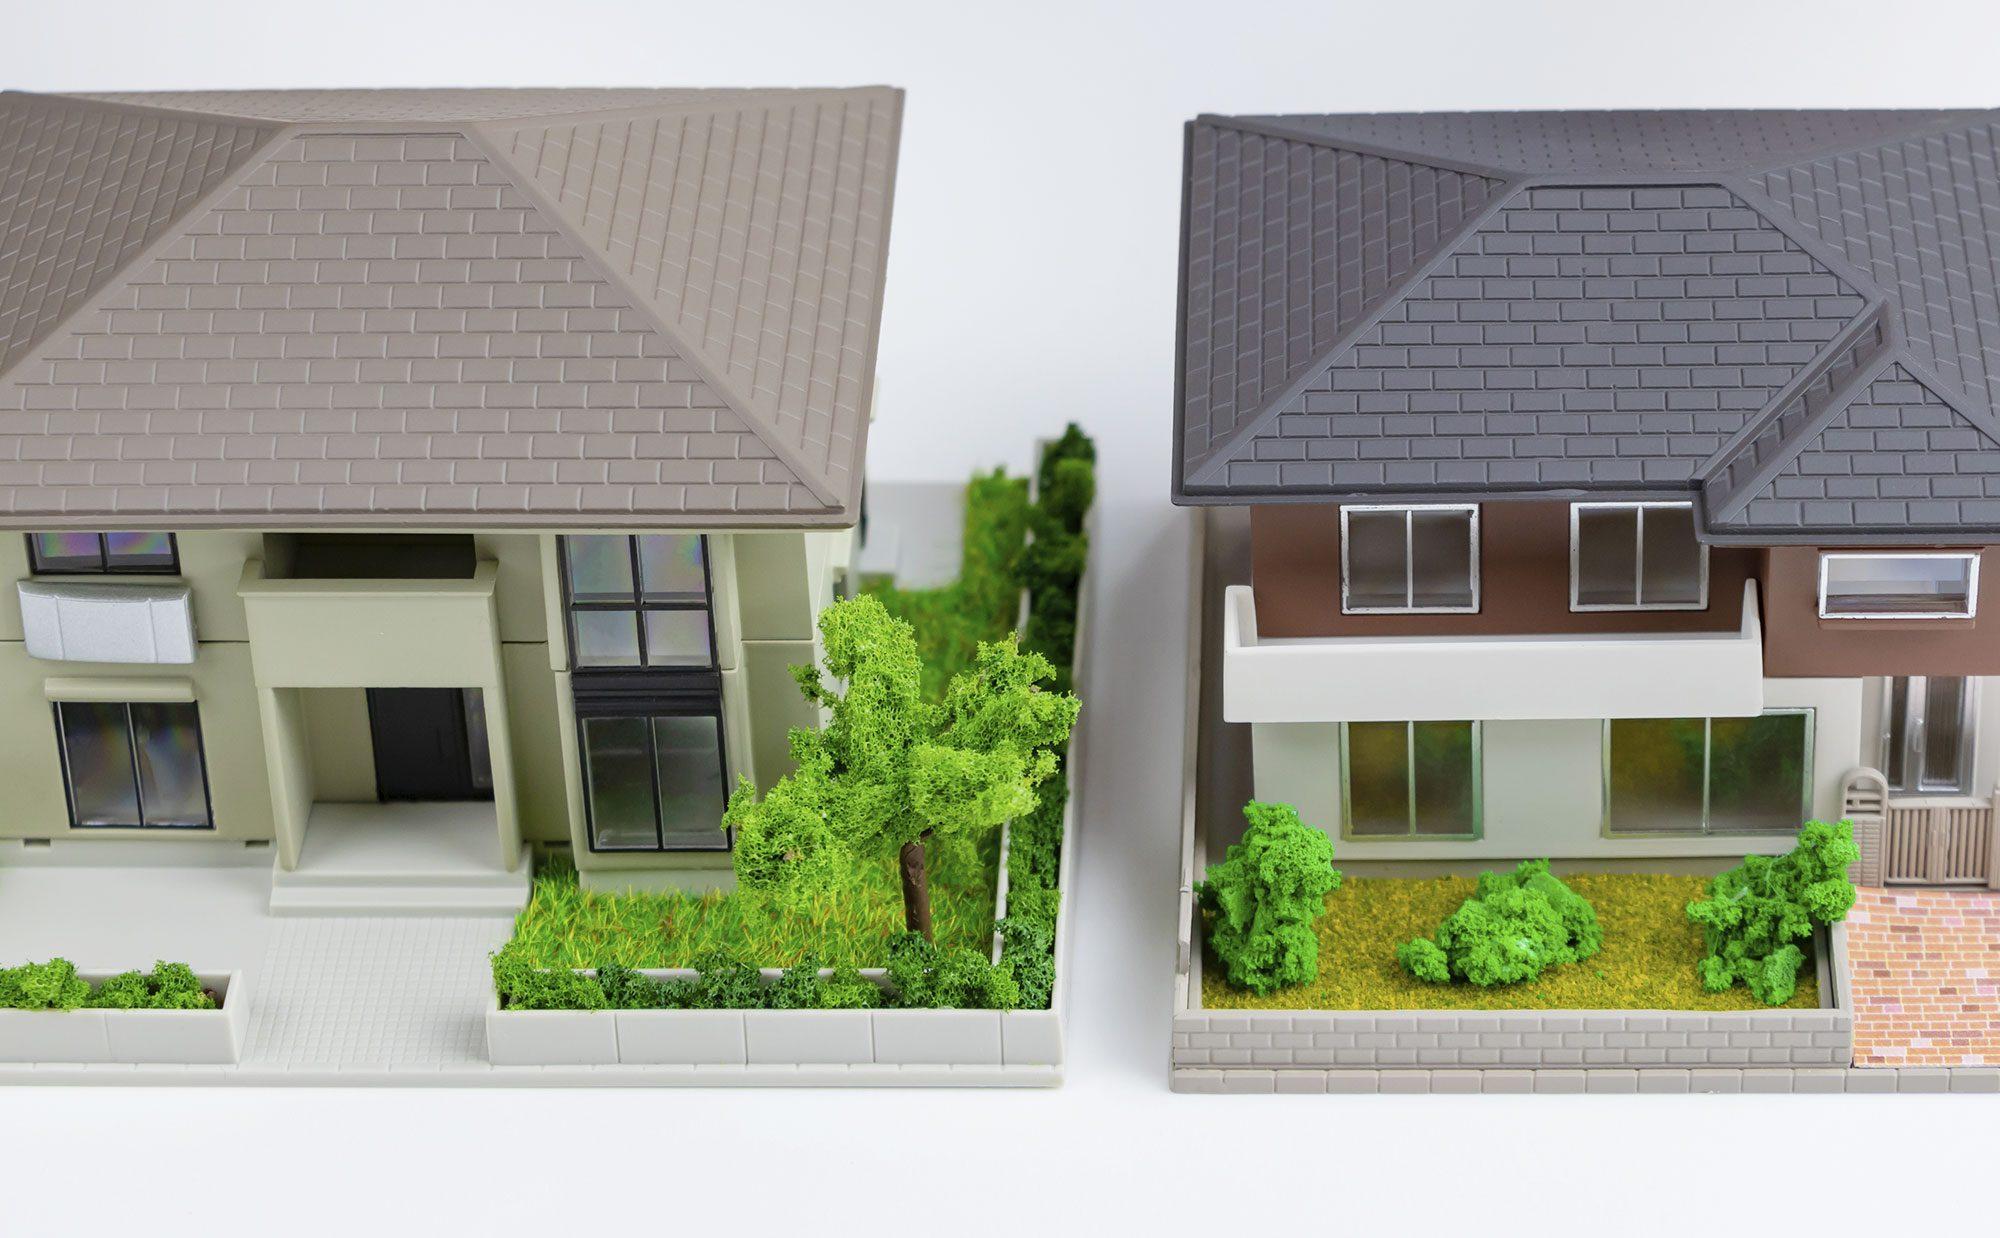 ファイナンシャルプランナーが語る。住宅ローン減税利用で賢くマイホーム計画